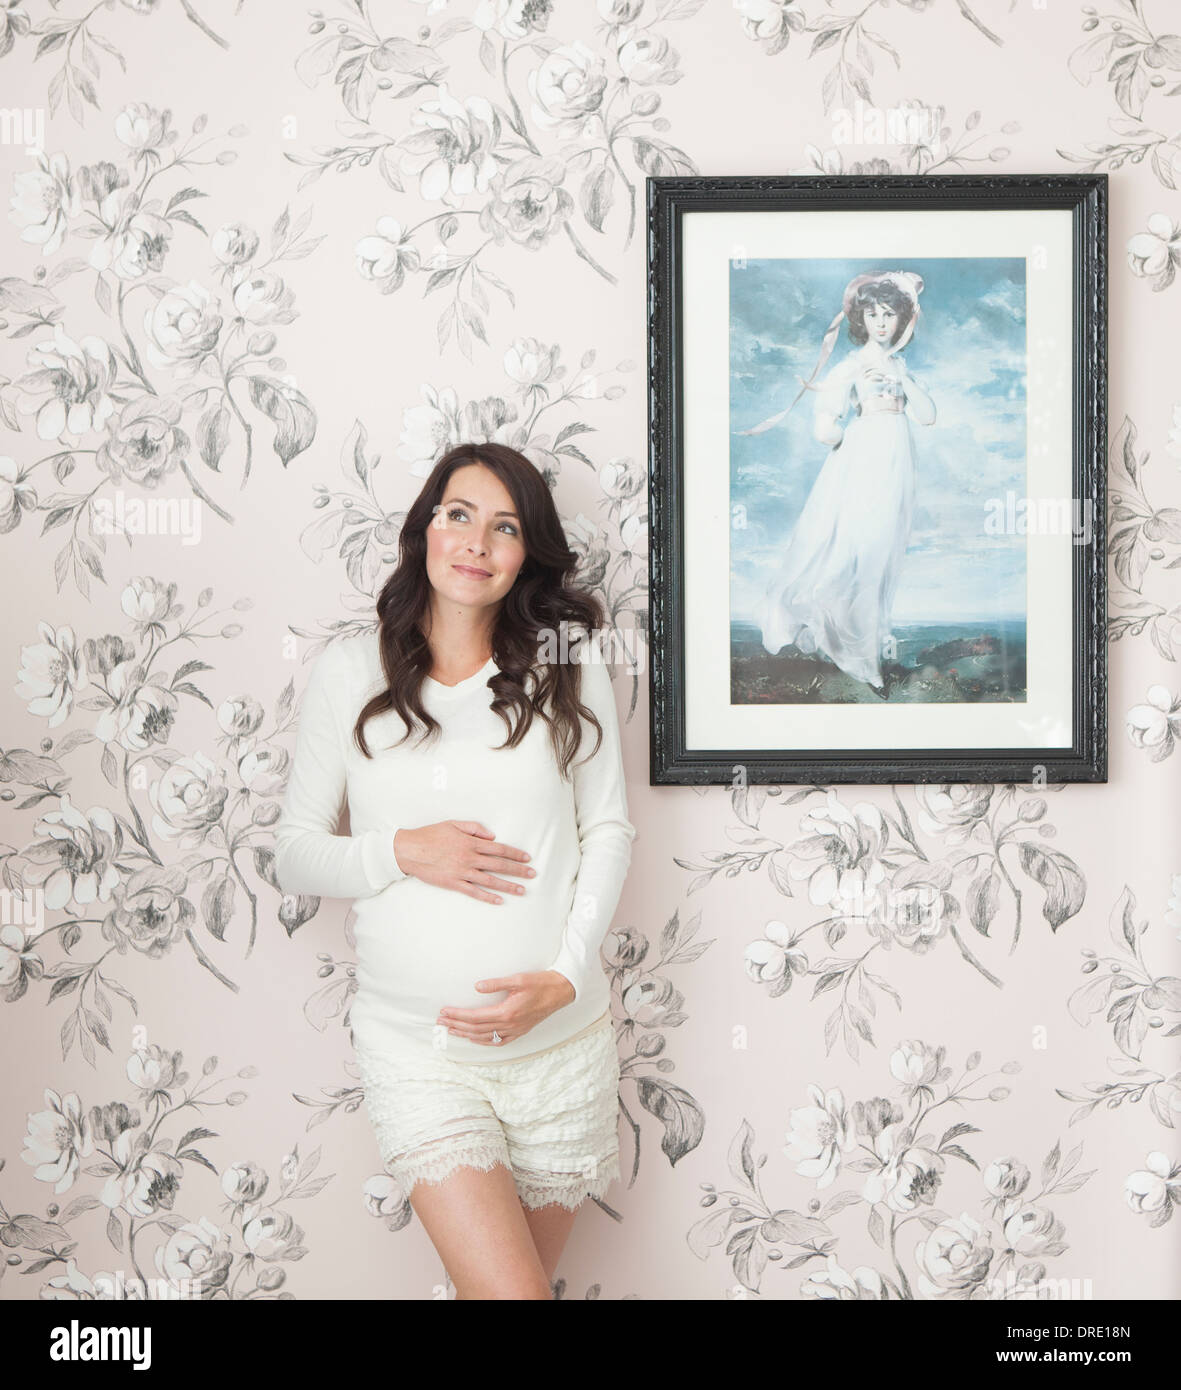 Mujer embarazada en frente de pared floral Imagen De Stock